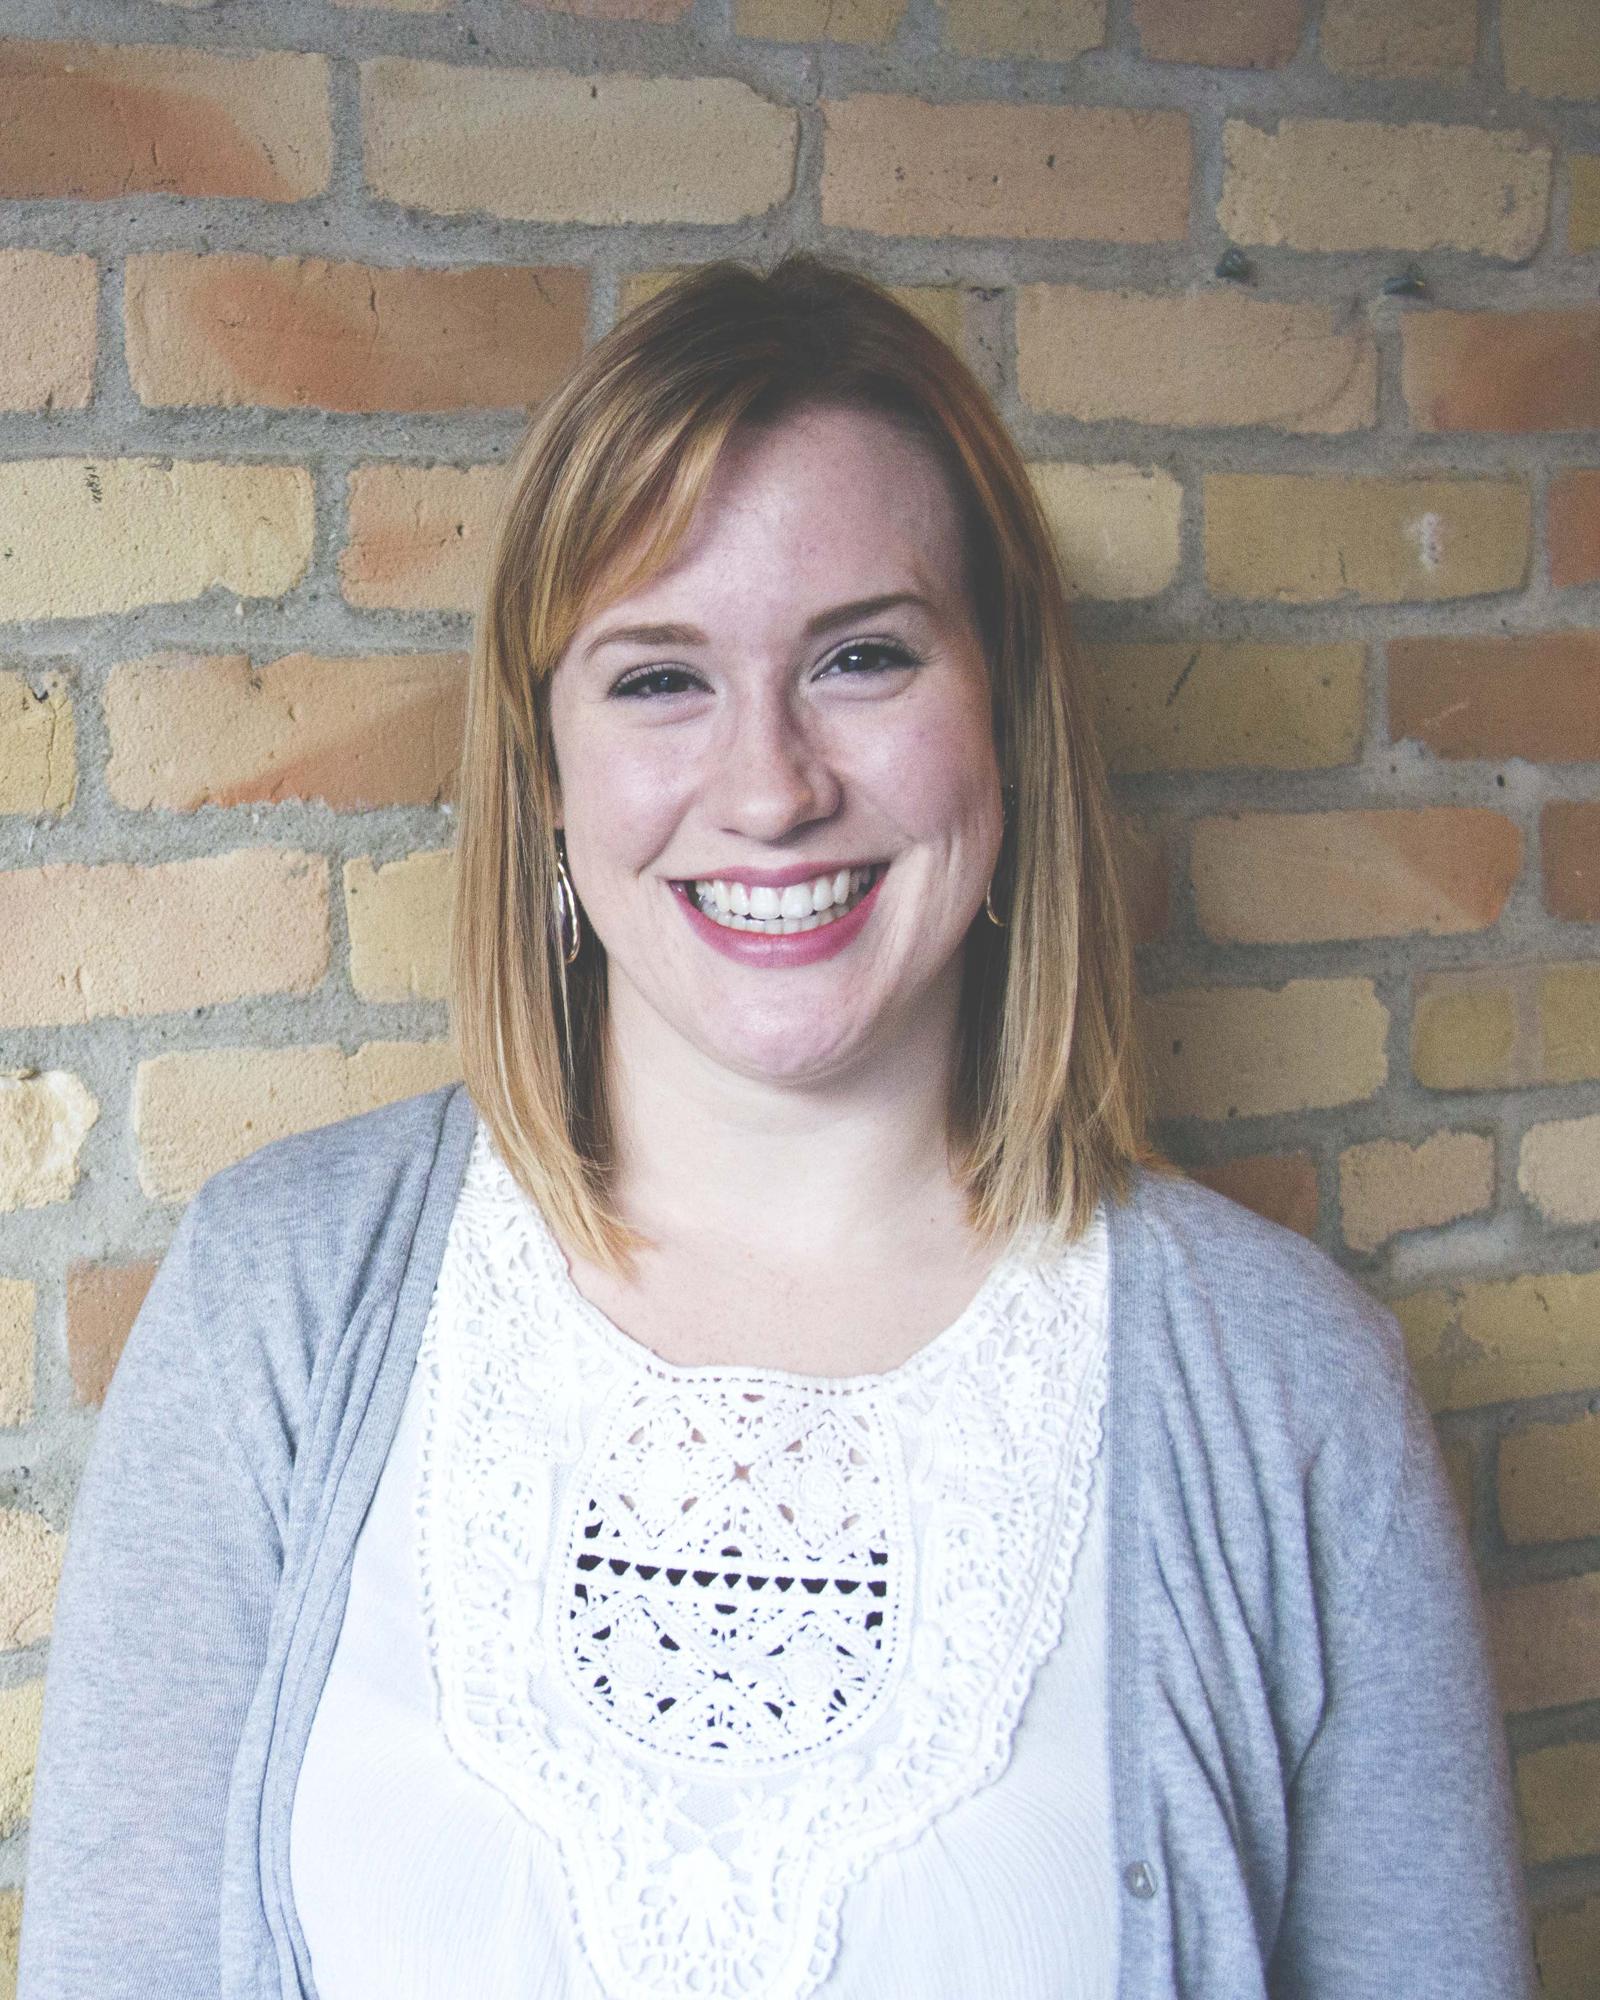 Lyndsey Schrader